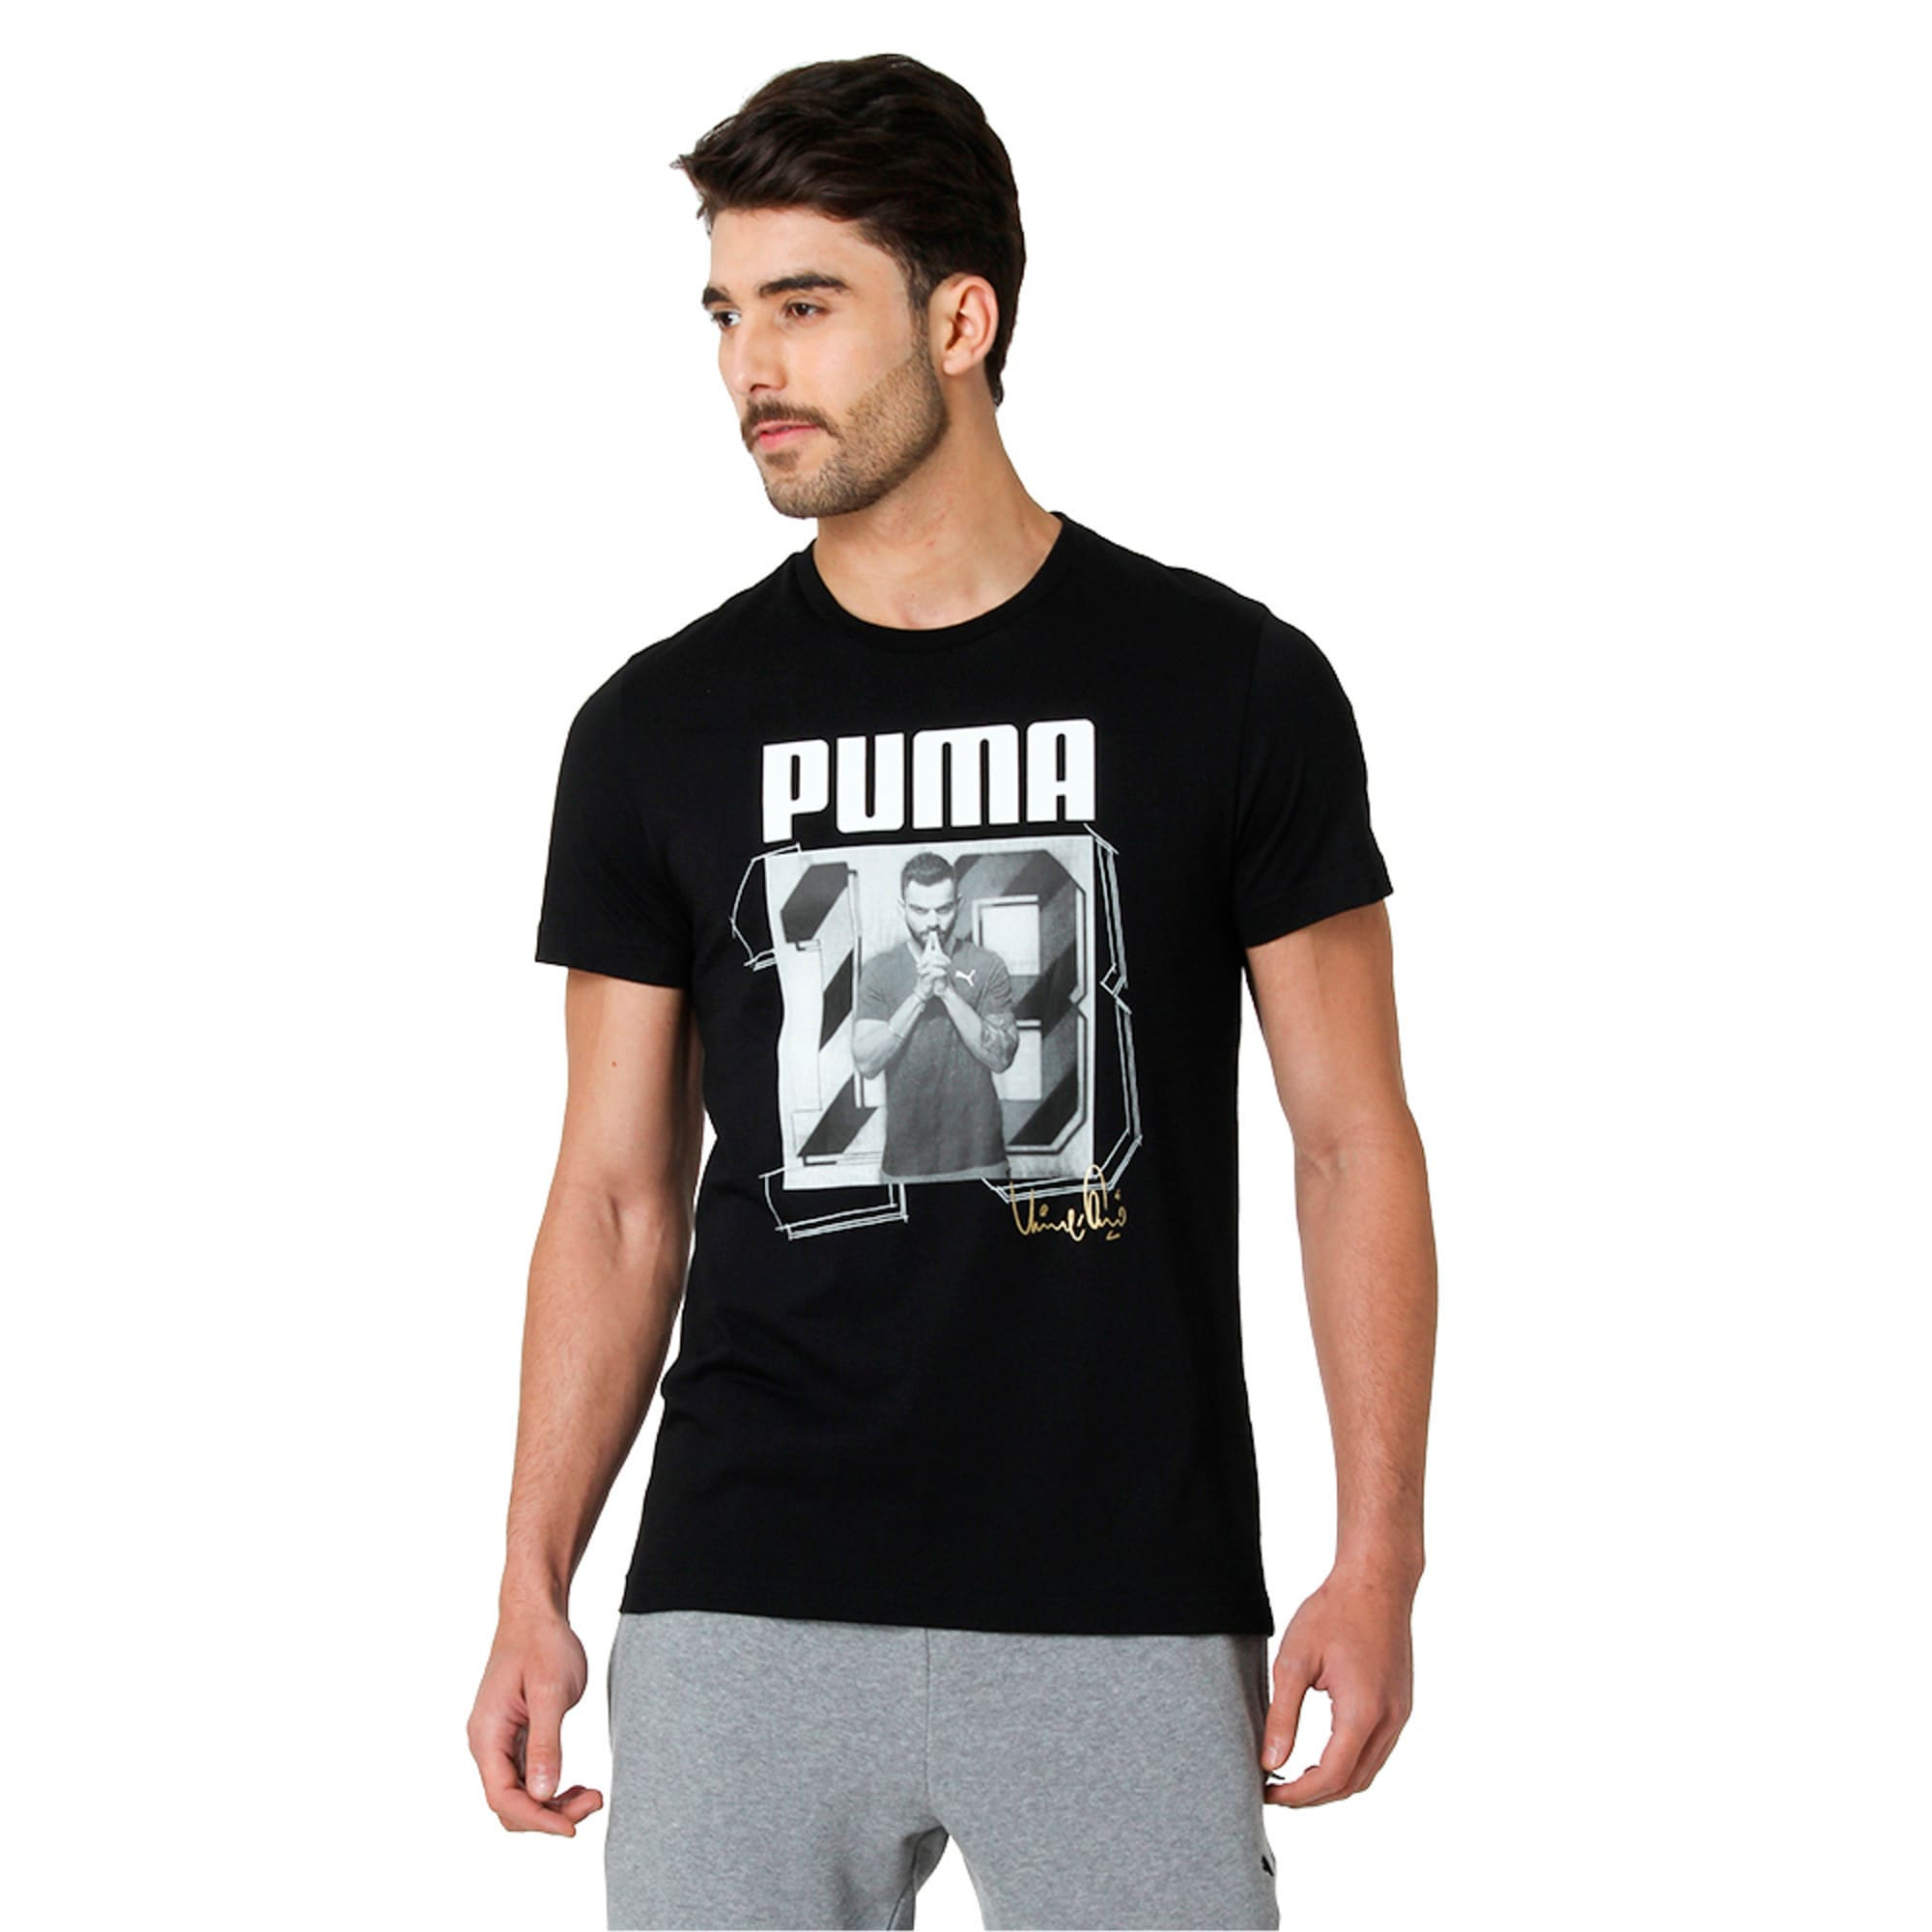 Thumbnail 3 of VK Tee, Puma Black, medium-IND